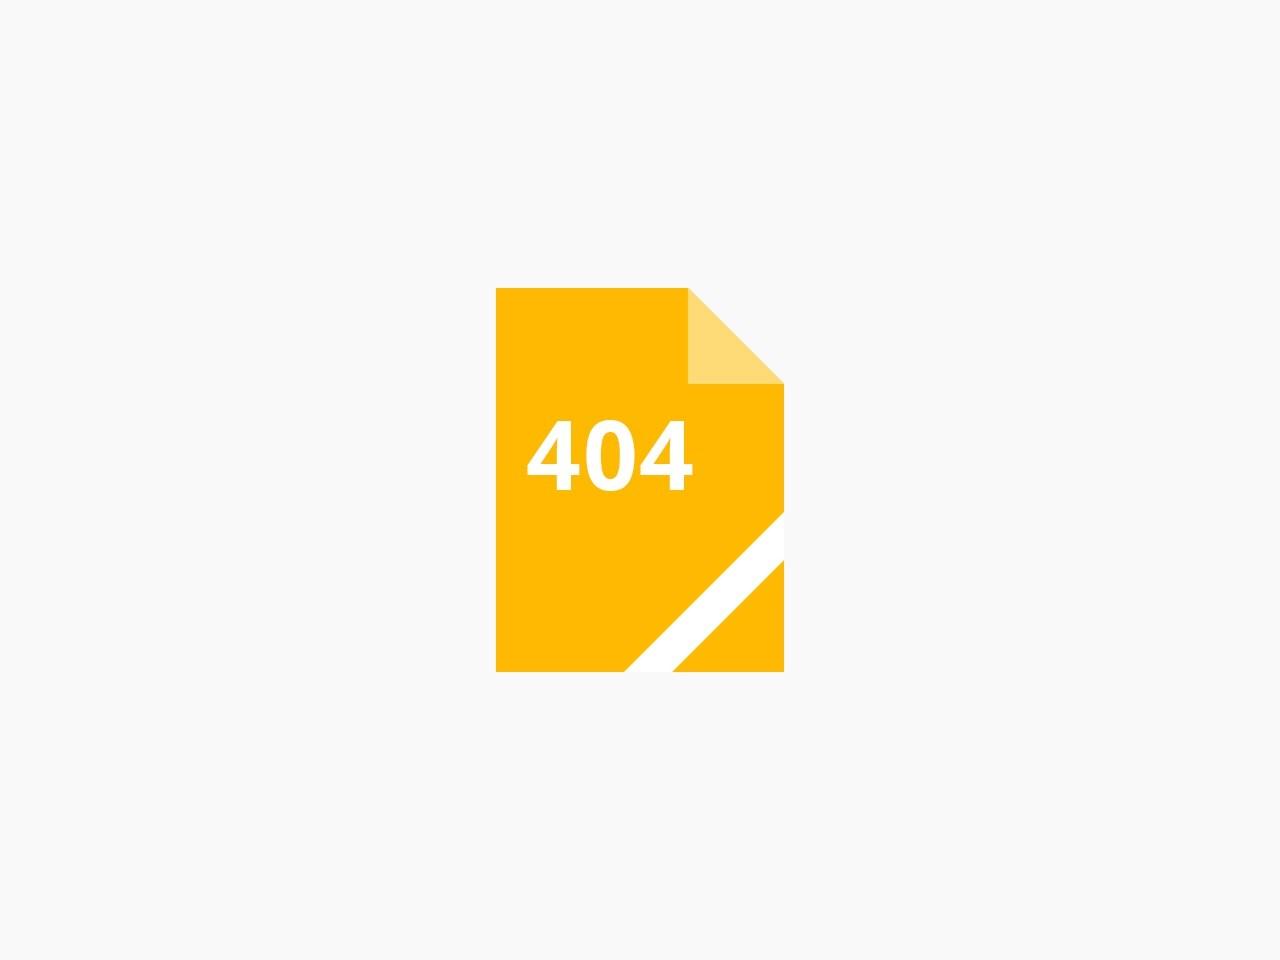 徐州市人民政府网的官网站点截图